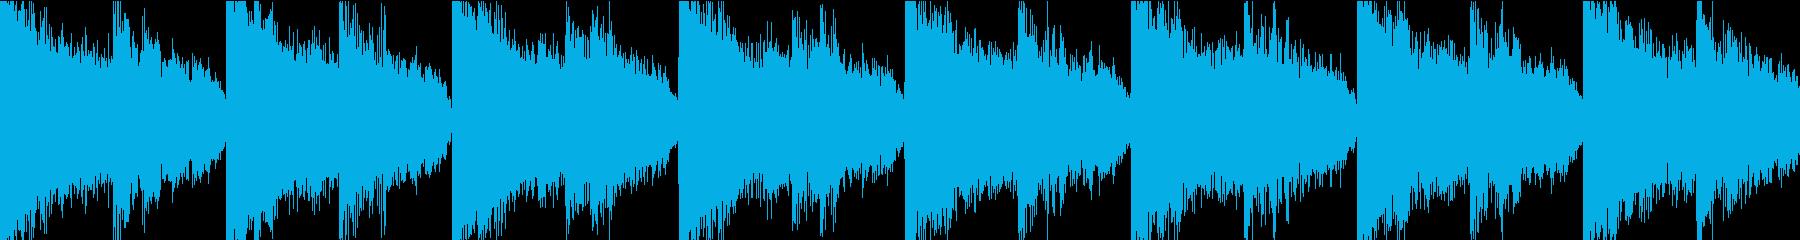 サイレン 緊急 防災 アラーム 警報 3の再生済みの波形